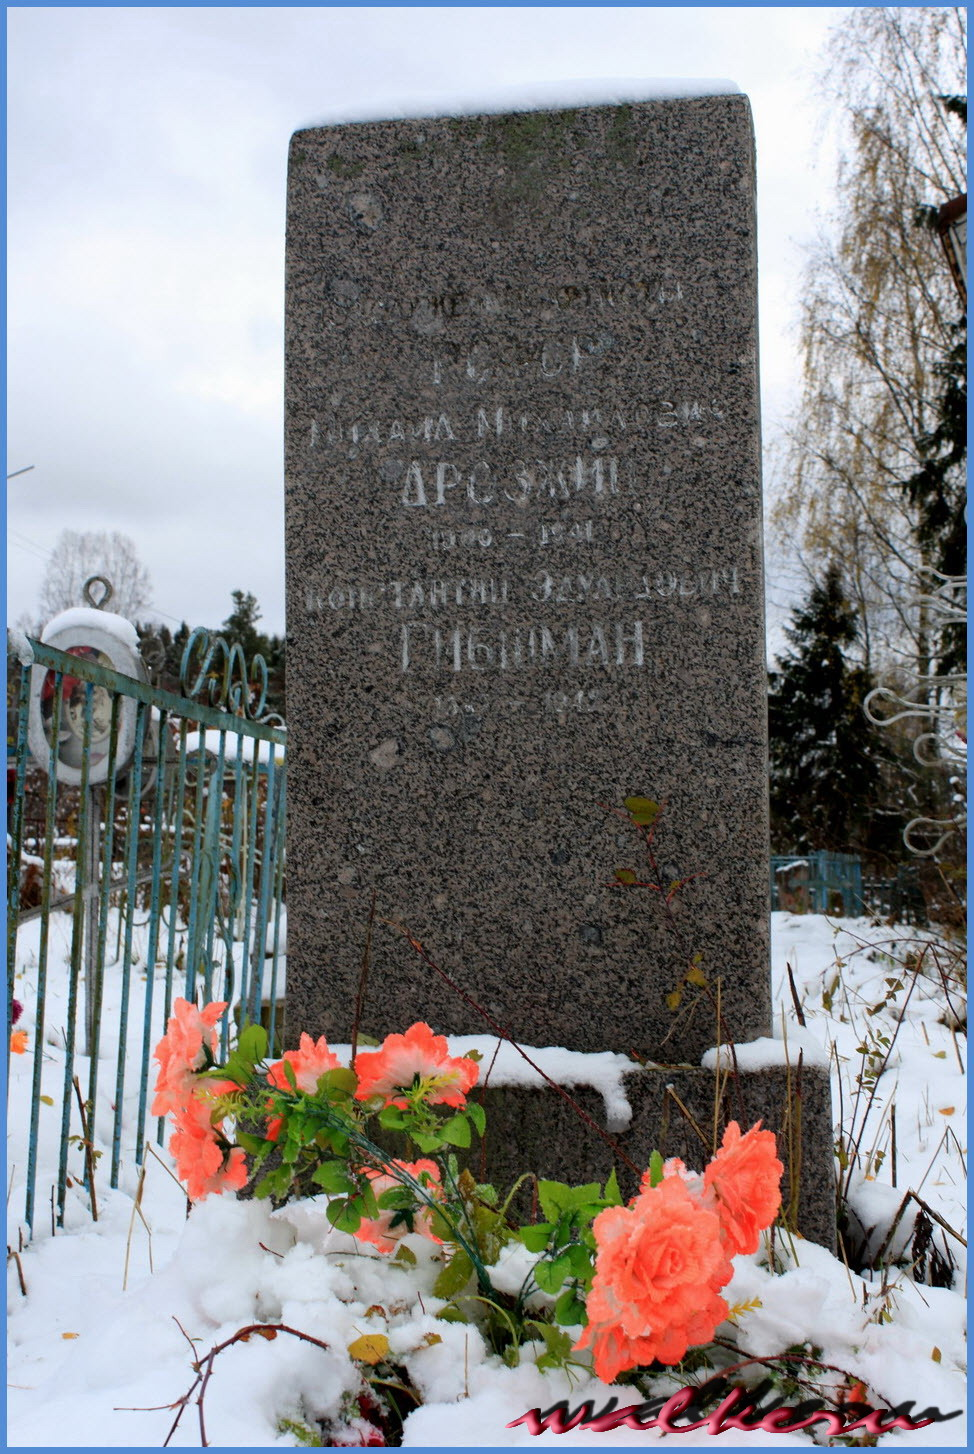 Могила Дрозжина М.М.и Гибшман К.Э.на погосте при церкви Михаила Архангела на Алеховщине